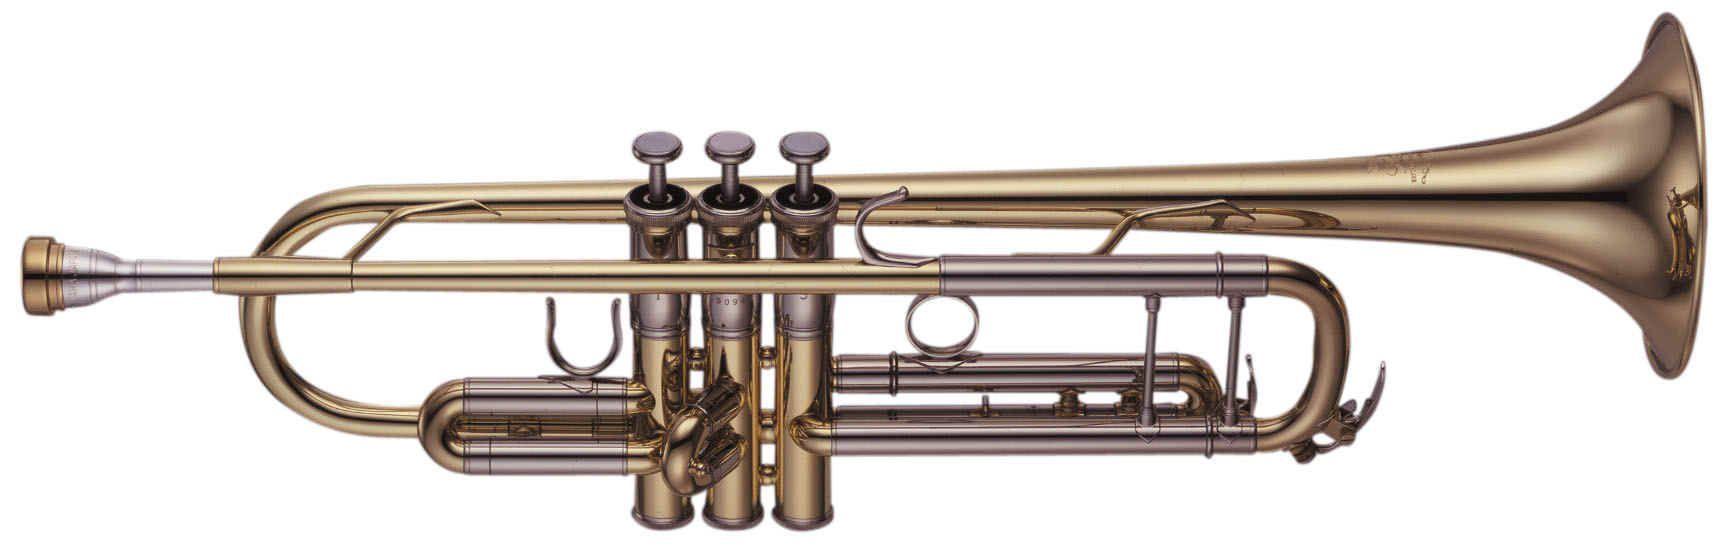 Yamaha YTR-8335-G 02 B-Trompete, Bohrung 11,65mm, incl.Etui u. Zubehör